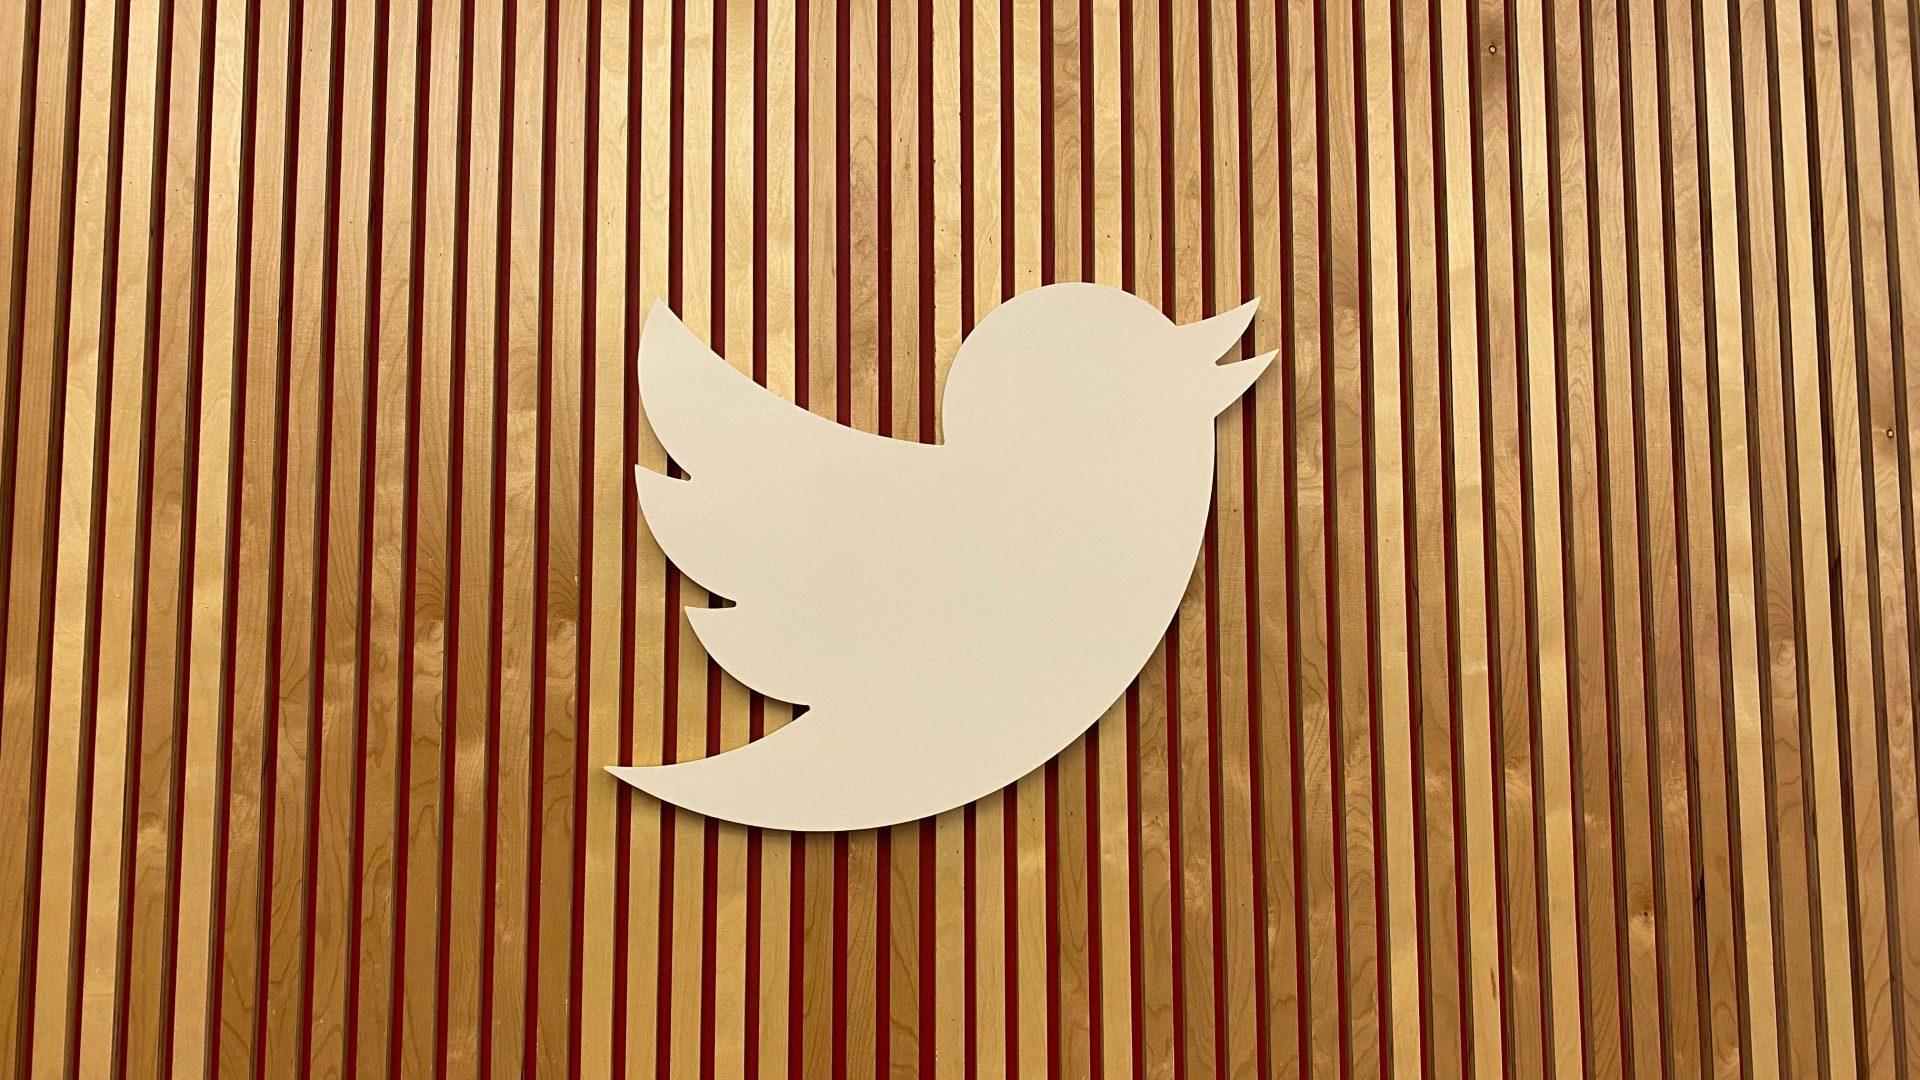 Rusia va încetini viteza de funcționare a Twitter, după ce platforma nu a eliminat conținutul interzis de Kremlin